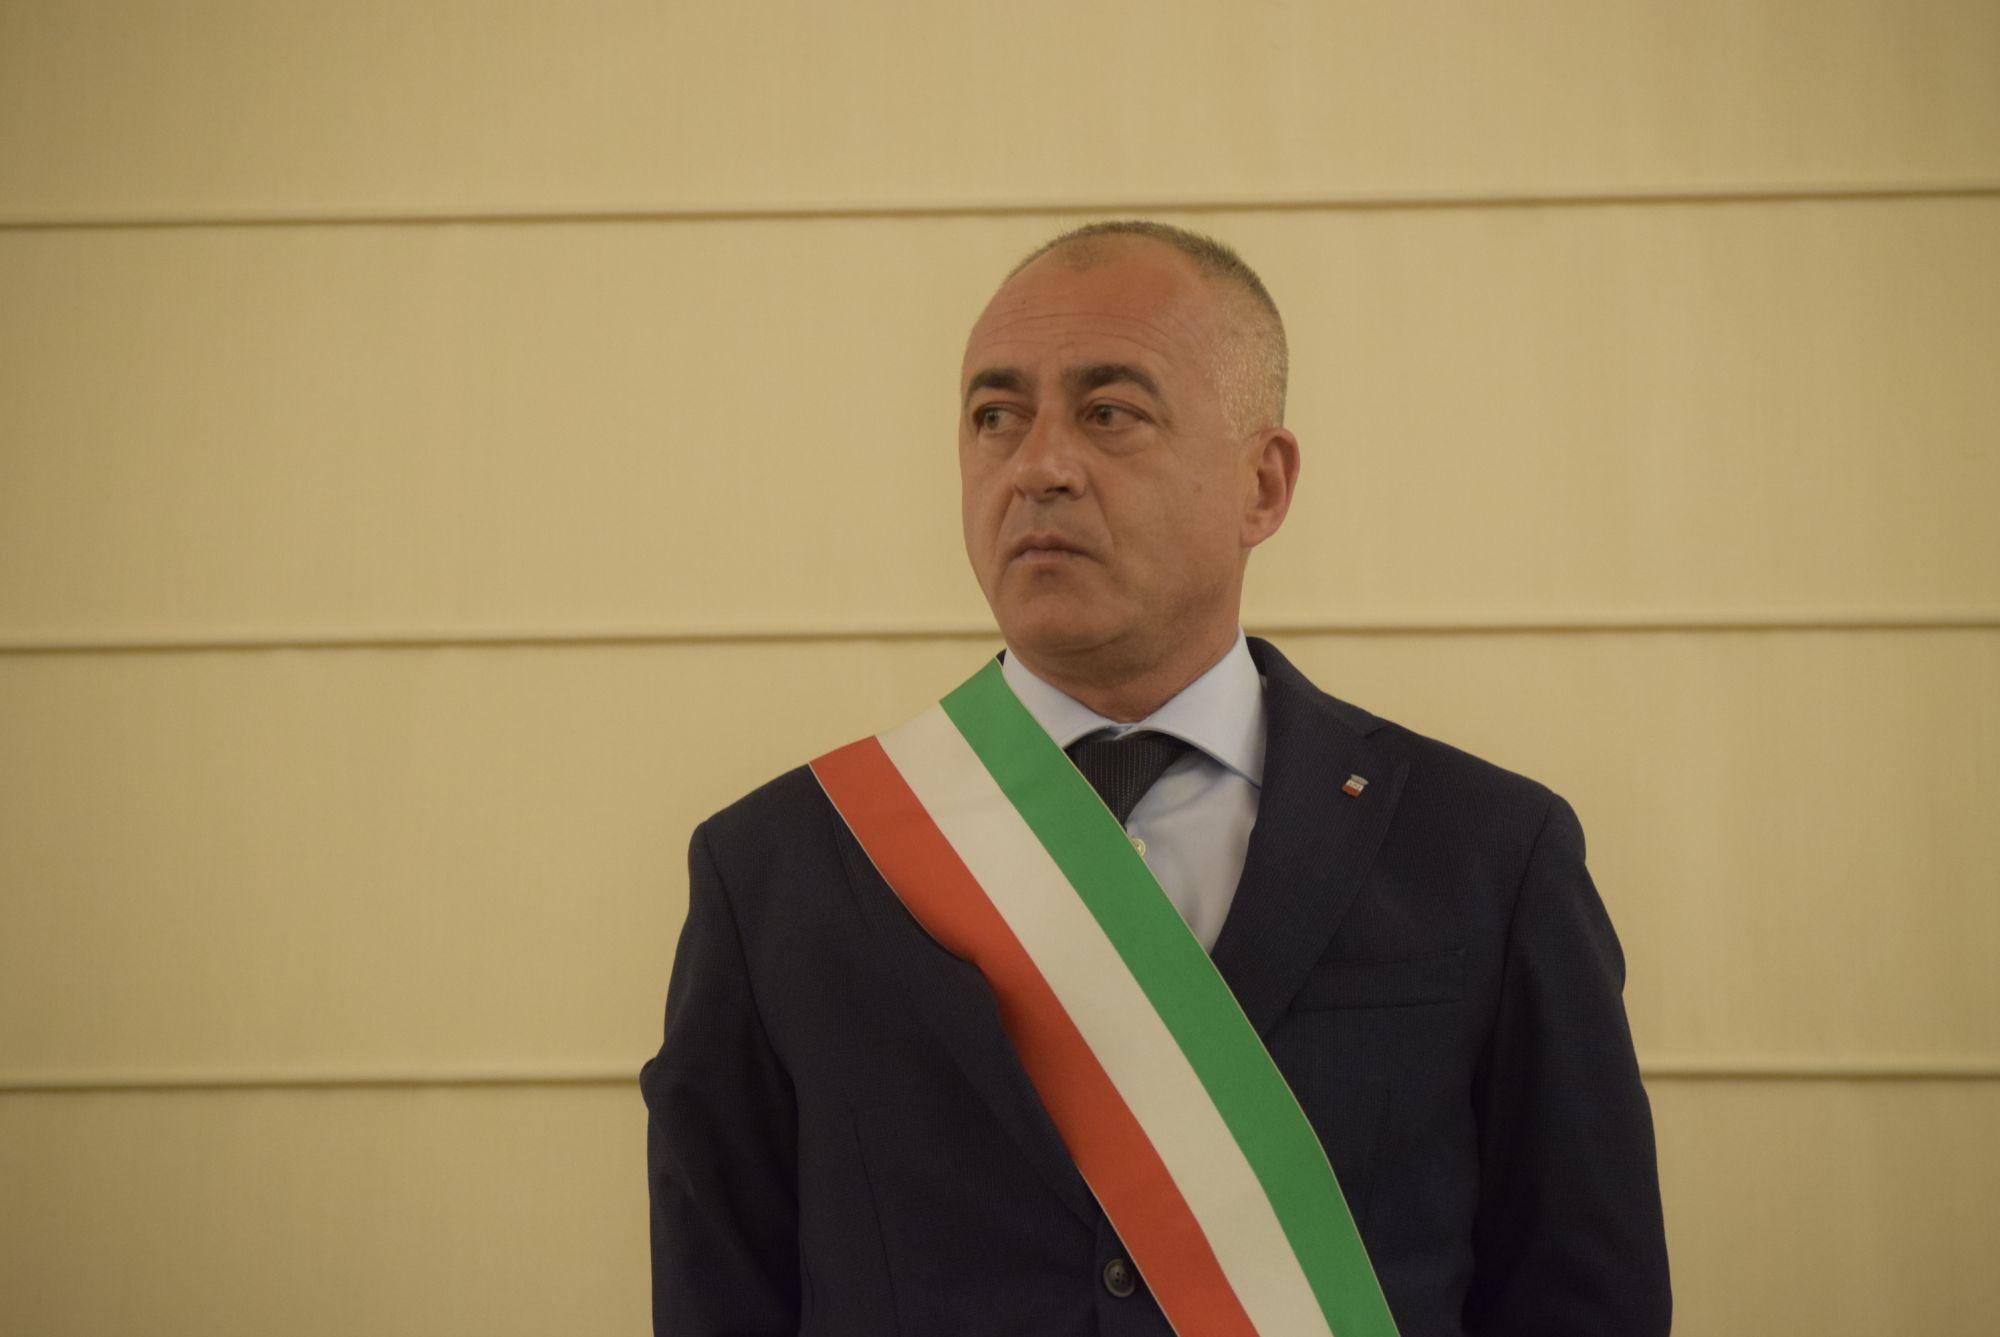 Alberto Coluccini